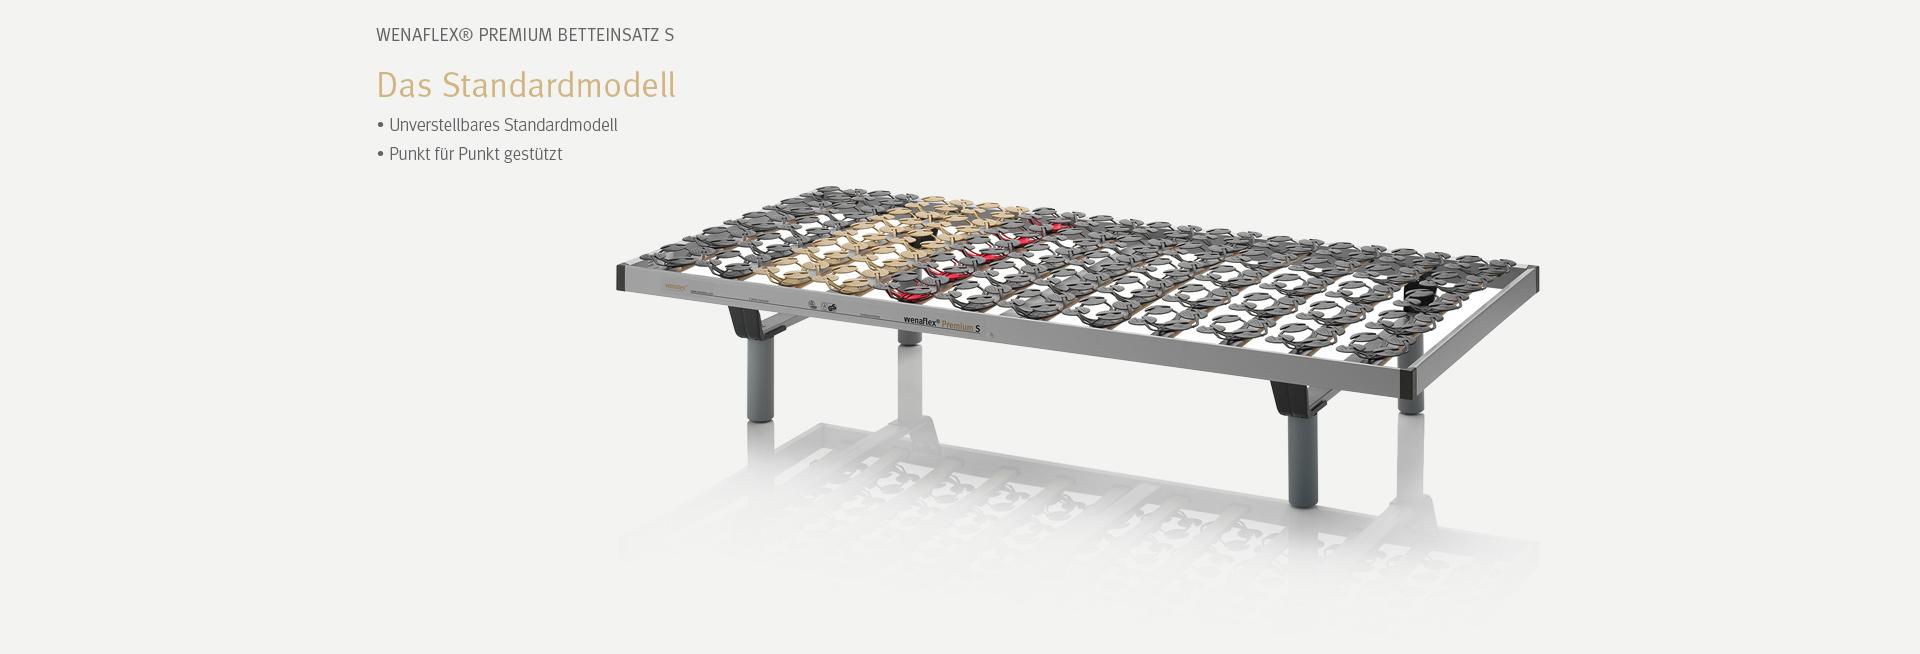 Der wenaFlex® Premium Betteinsatz S | Das Standardmodell